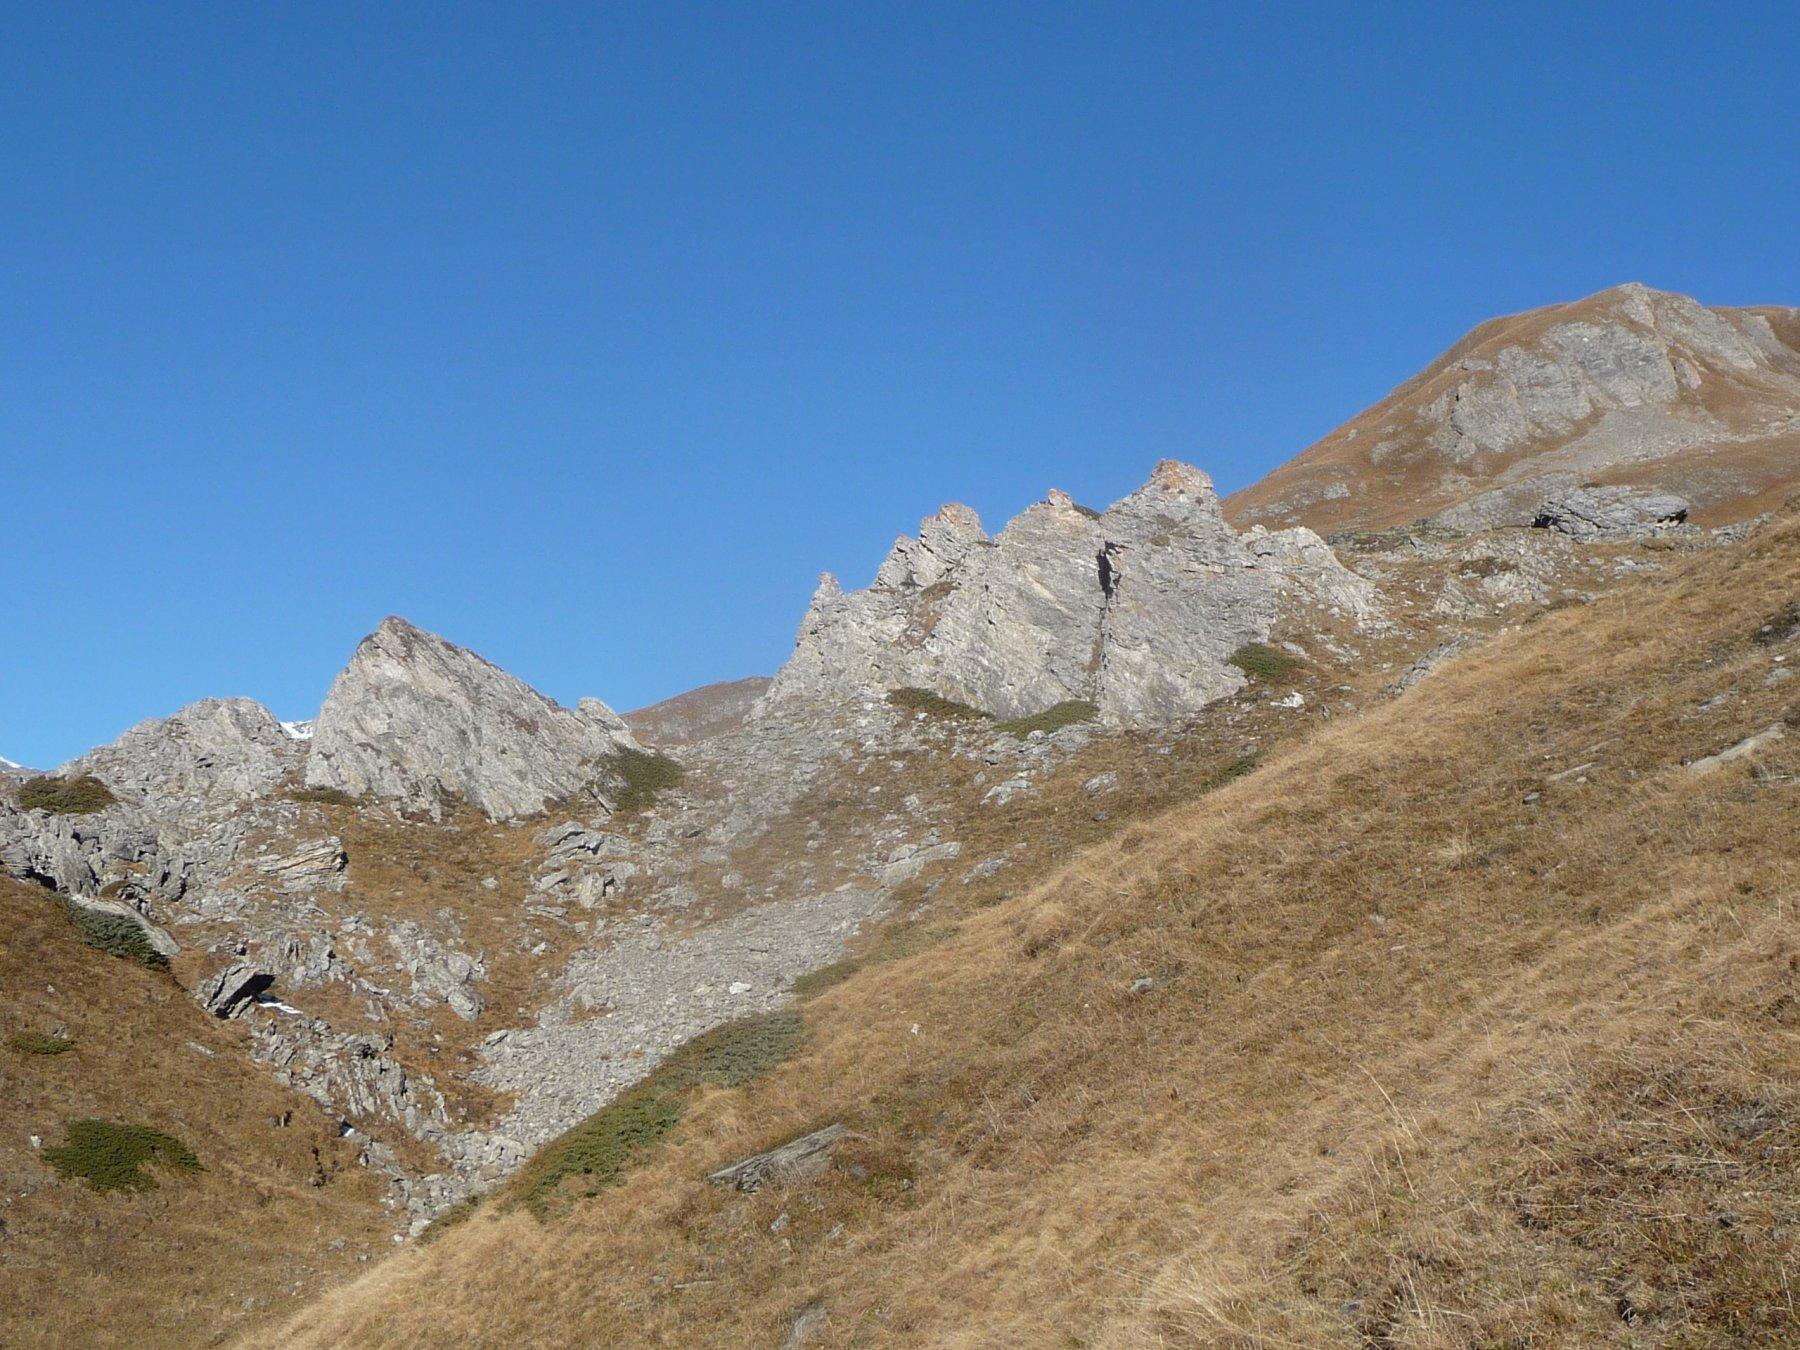 il castello roccioso coi tre spuntoni dopo l'alpe Bioletta